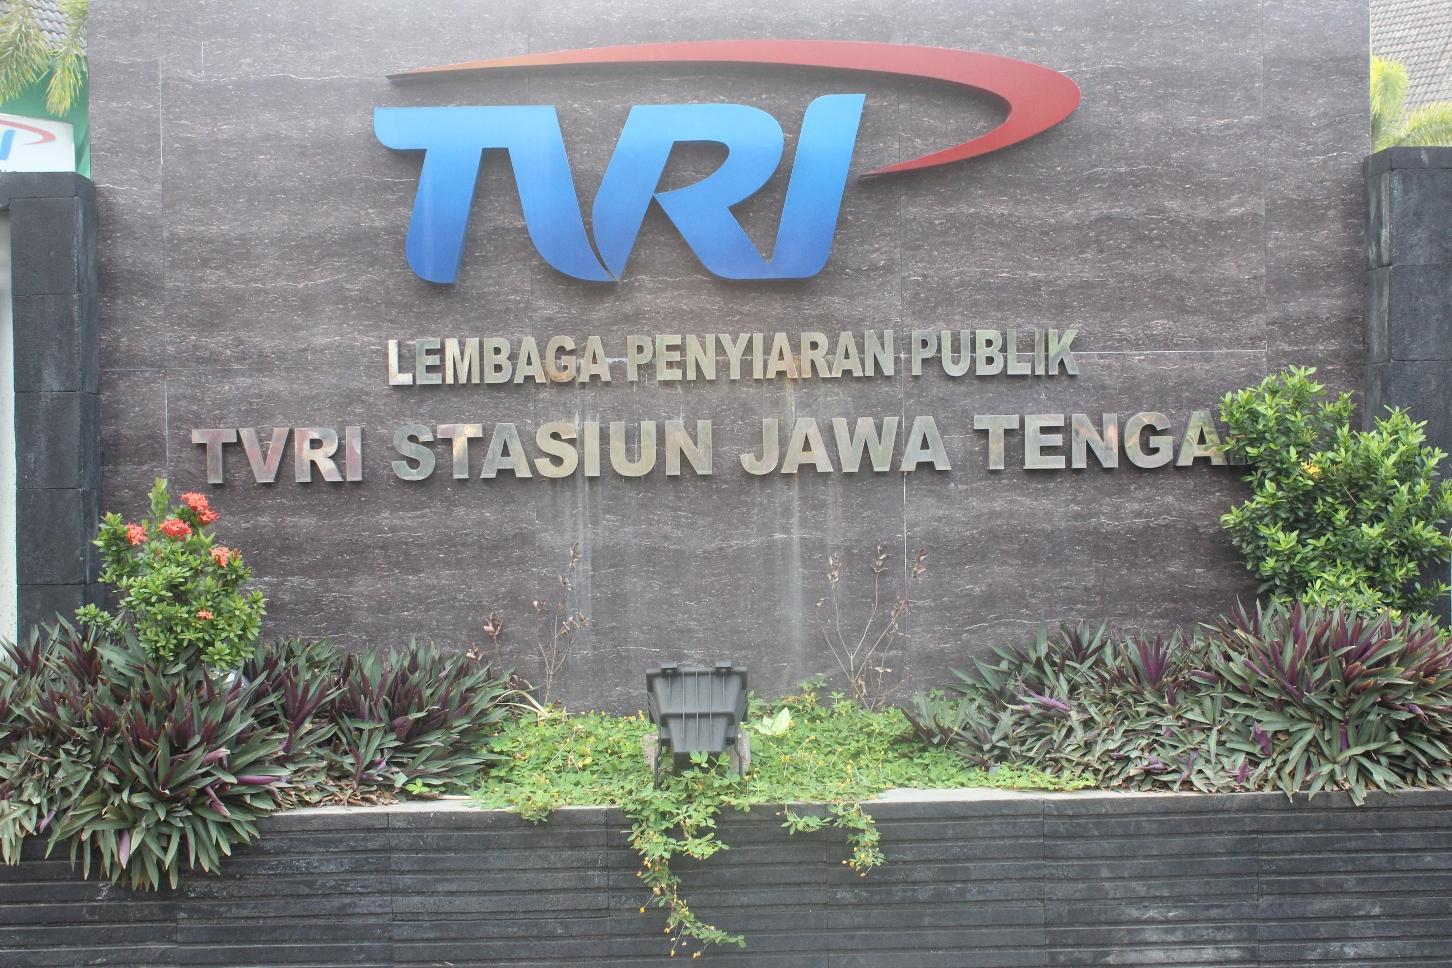 Penampilan di TVRI (live)